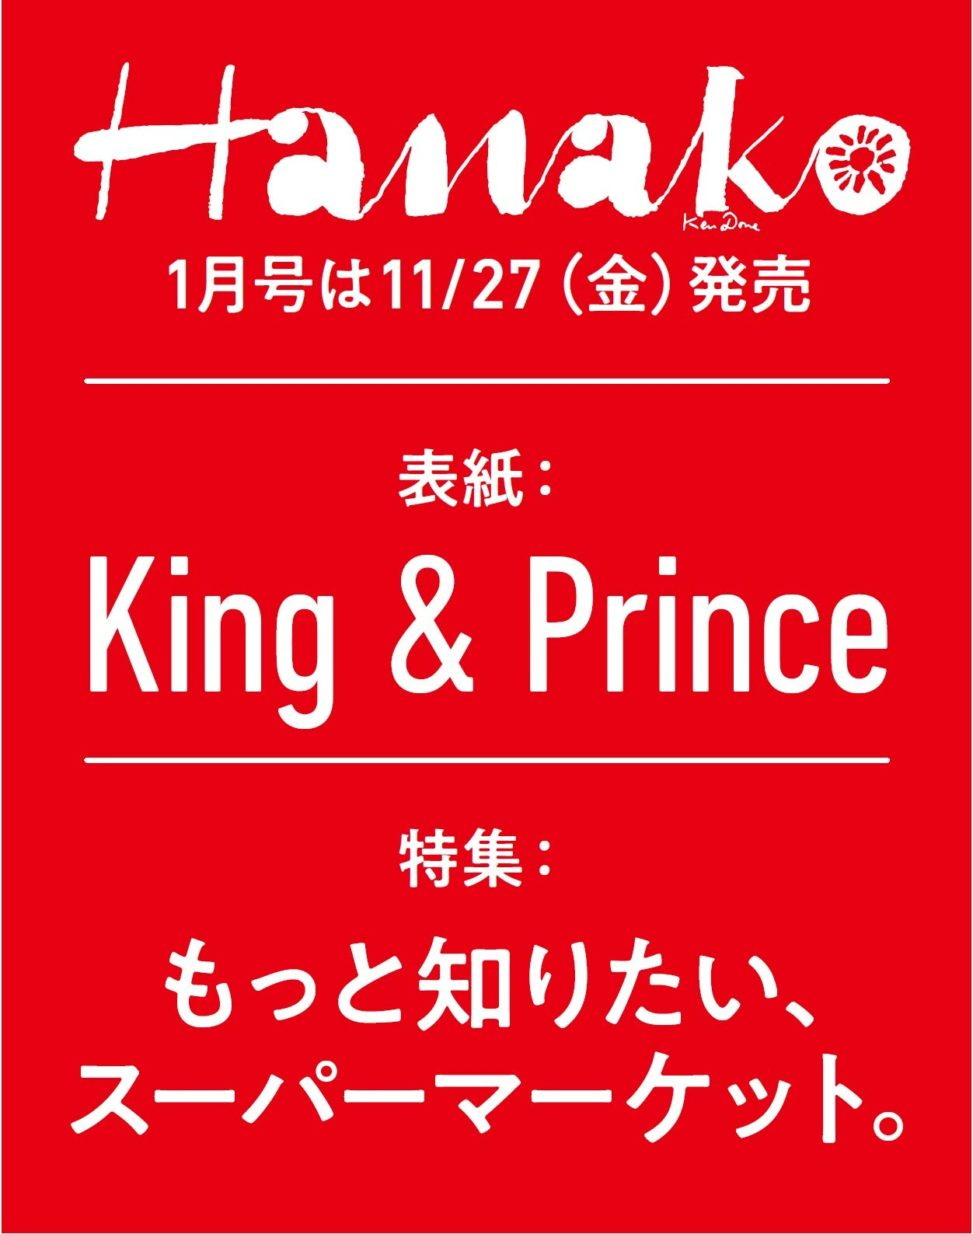 Hanako,King & Prince